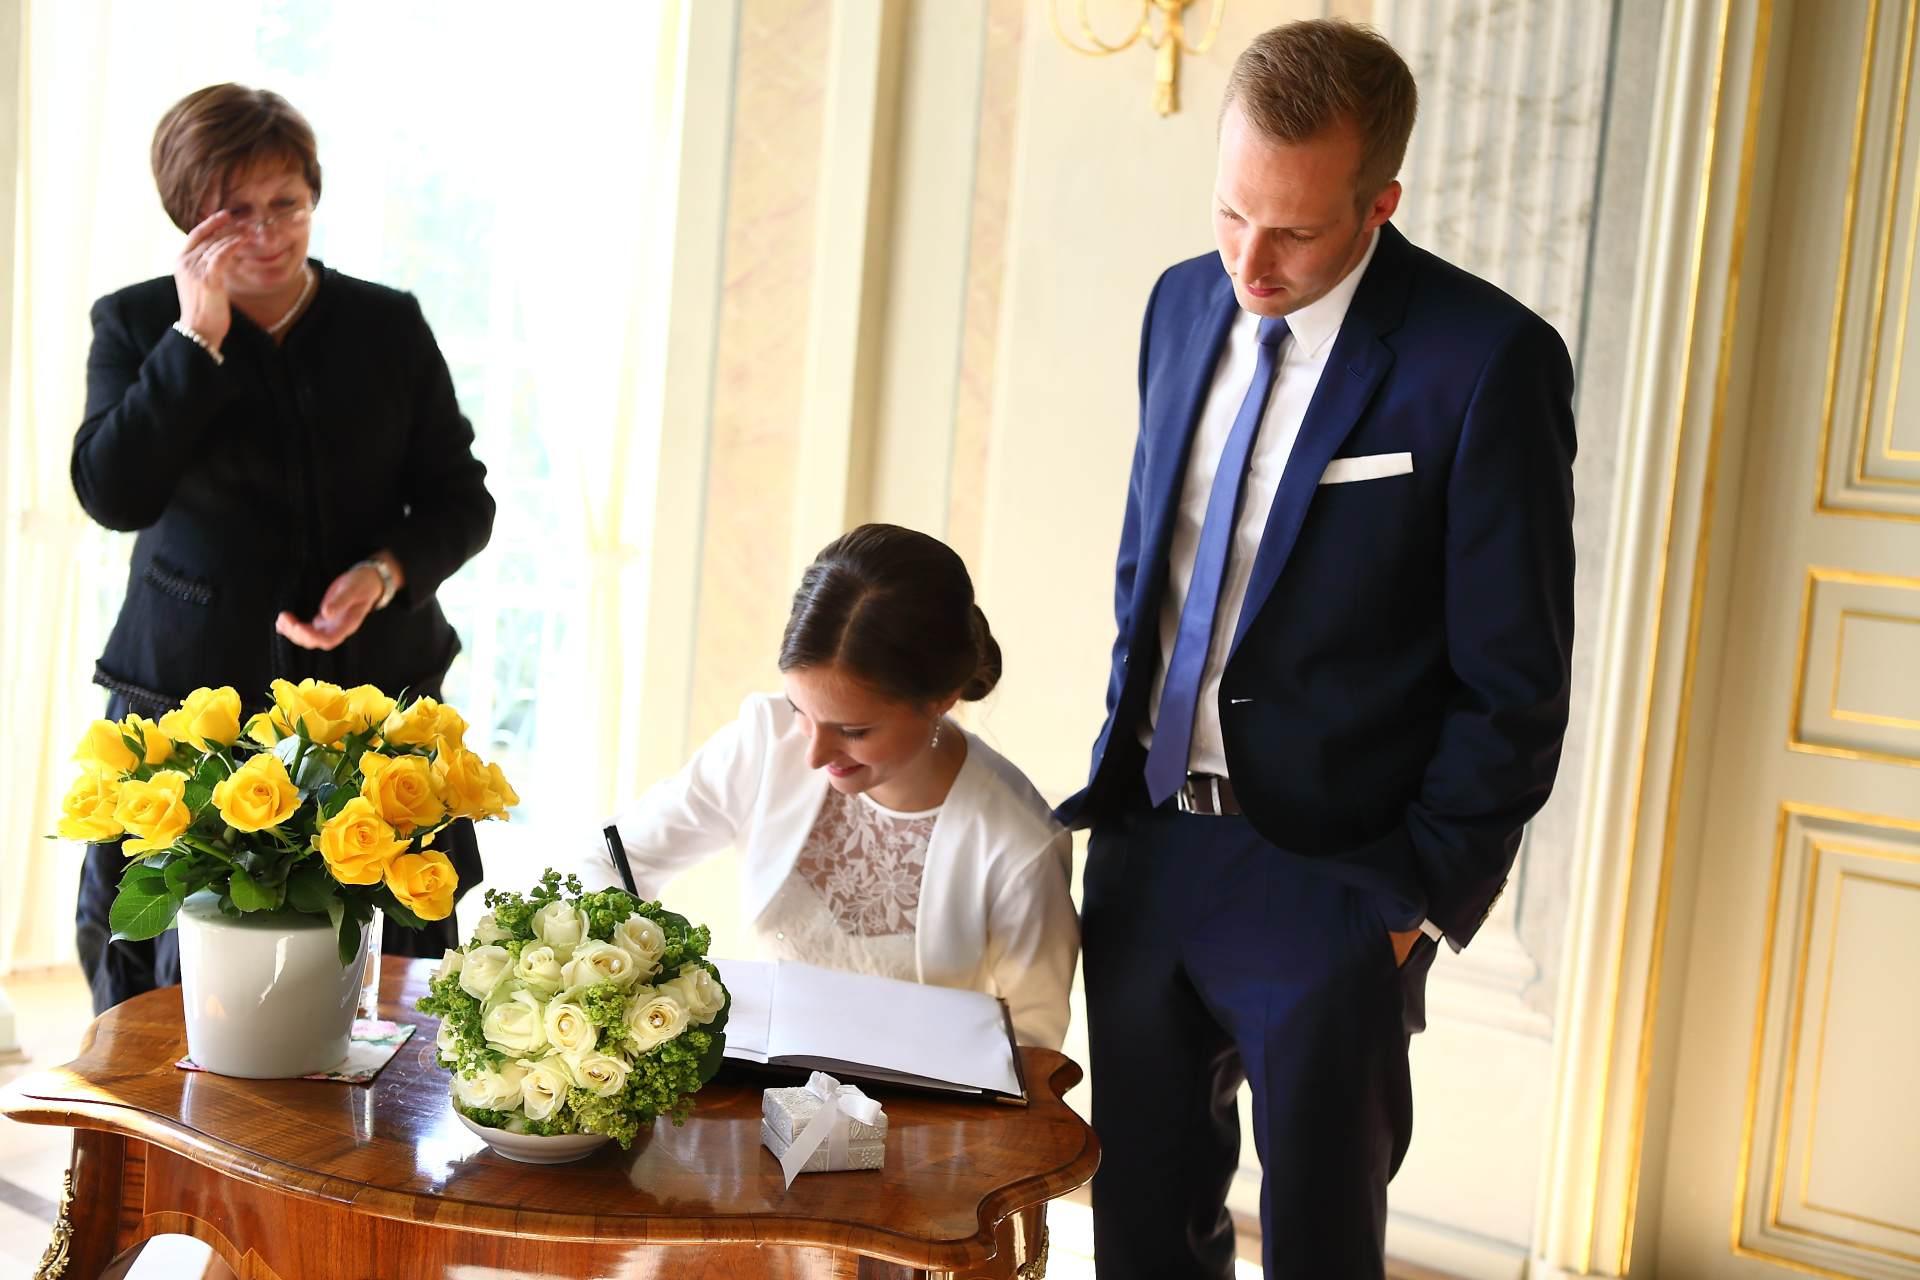 Hochzeitsfotos in Leipzig - Unterzeichnung der Heiratsurkunde